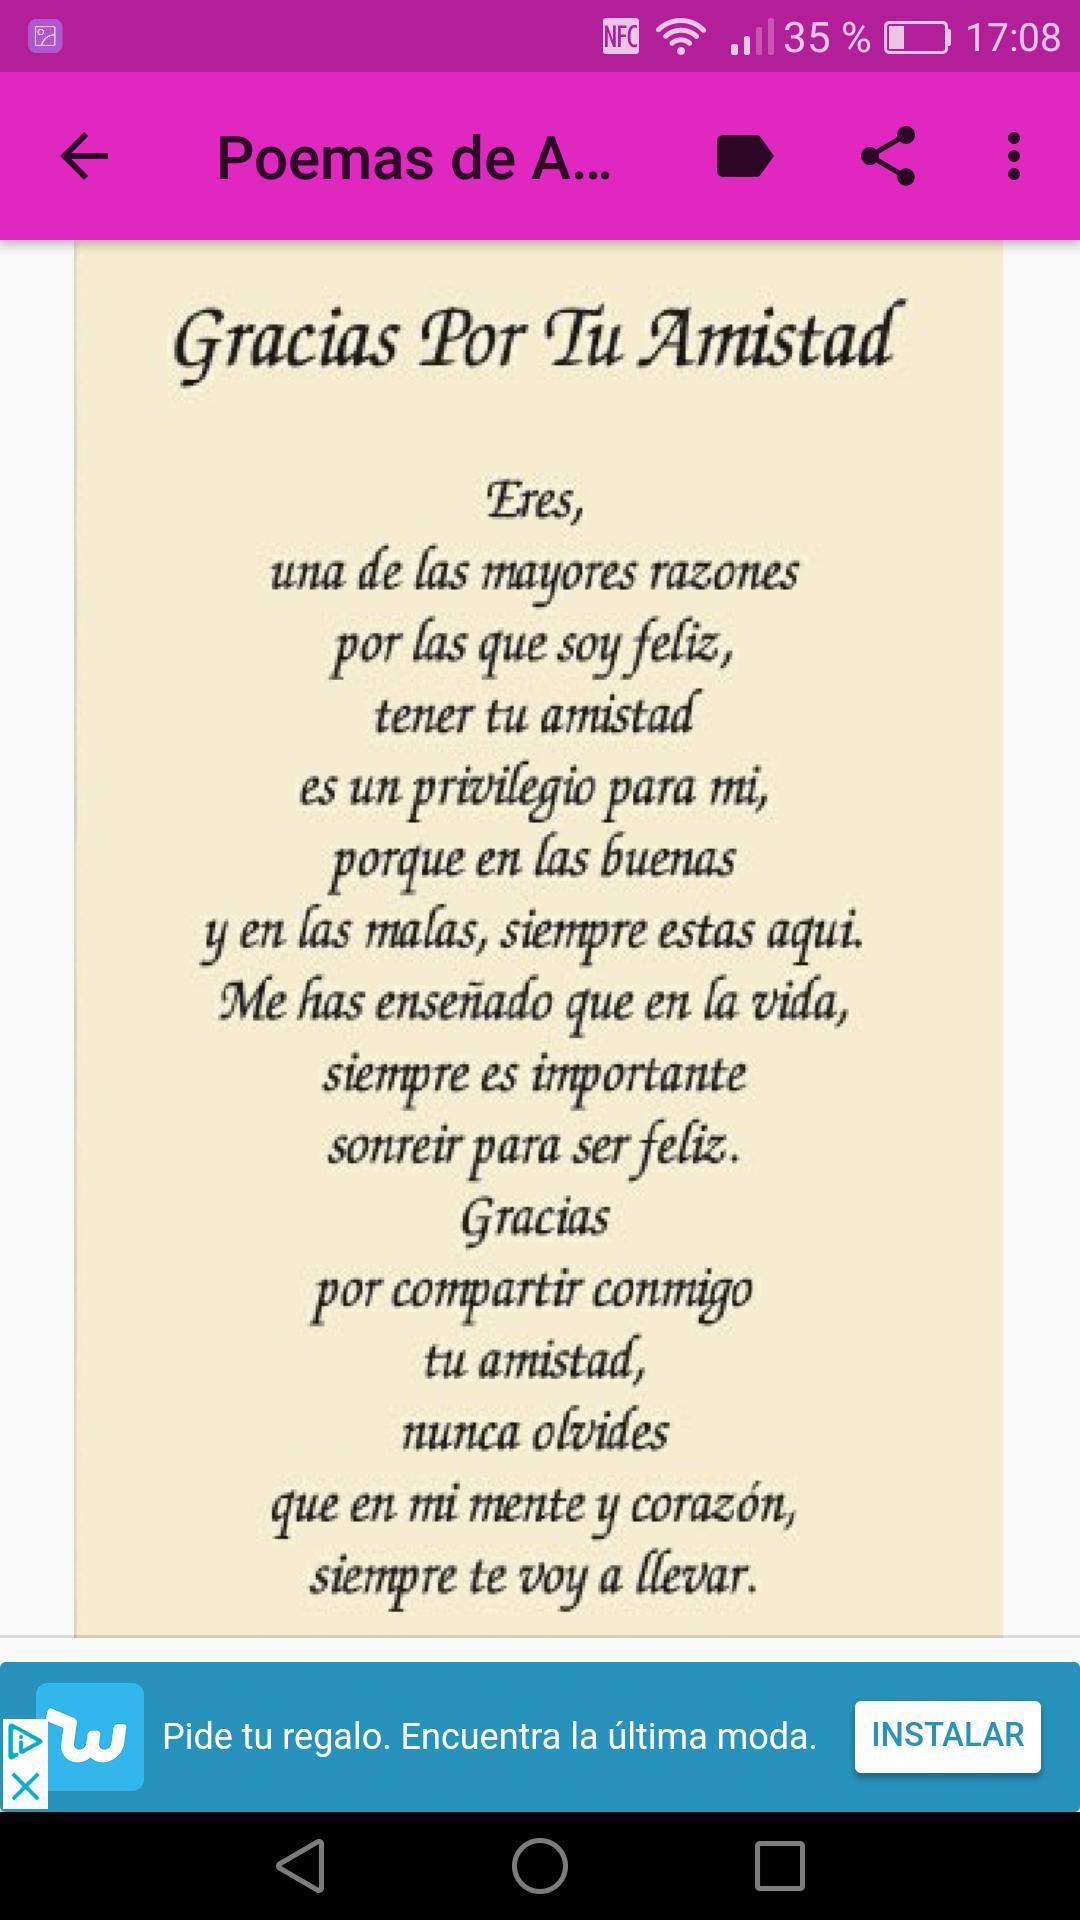 Poemas De Amor Y Amistad For Android Apk Download